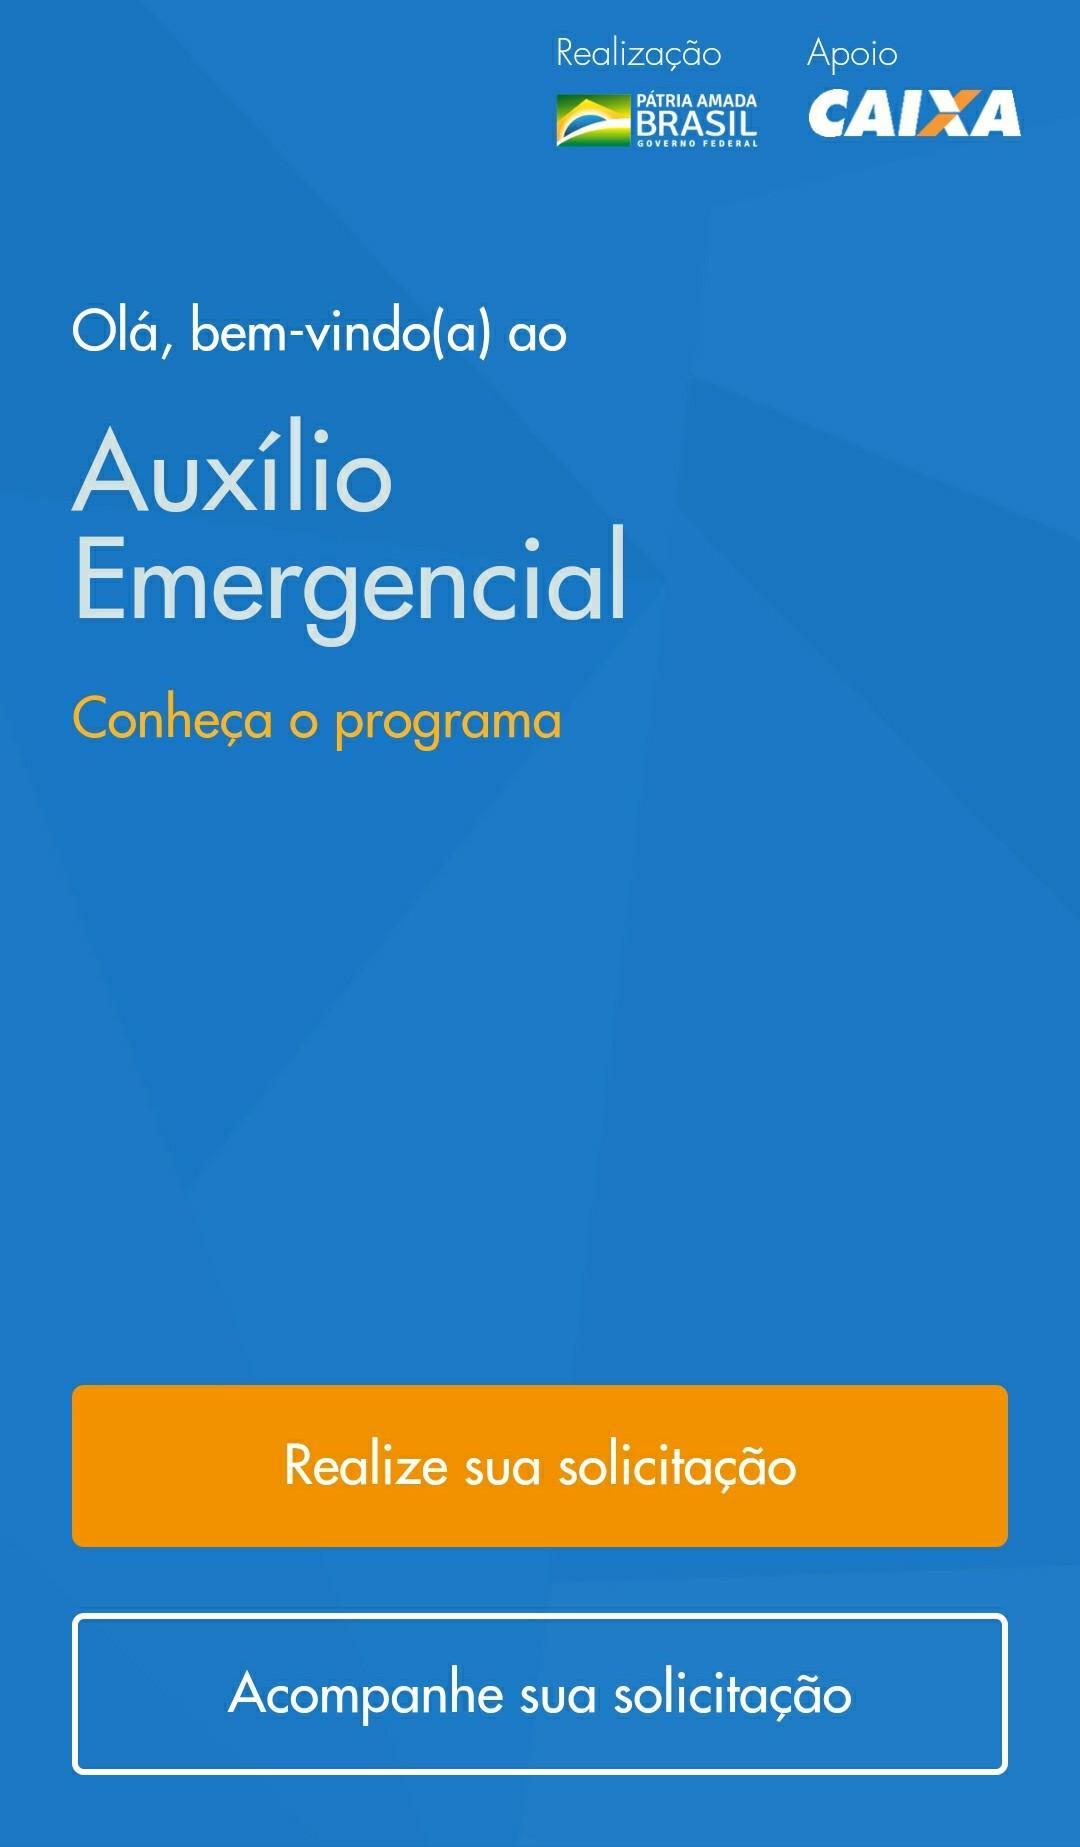 Paraíba Online • Aplicativo da Caixa para auxílio emergencial registra instabilidade